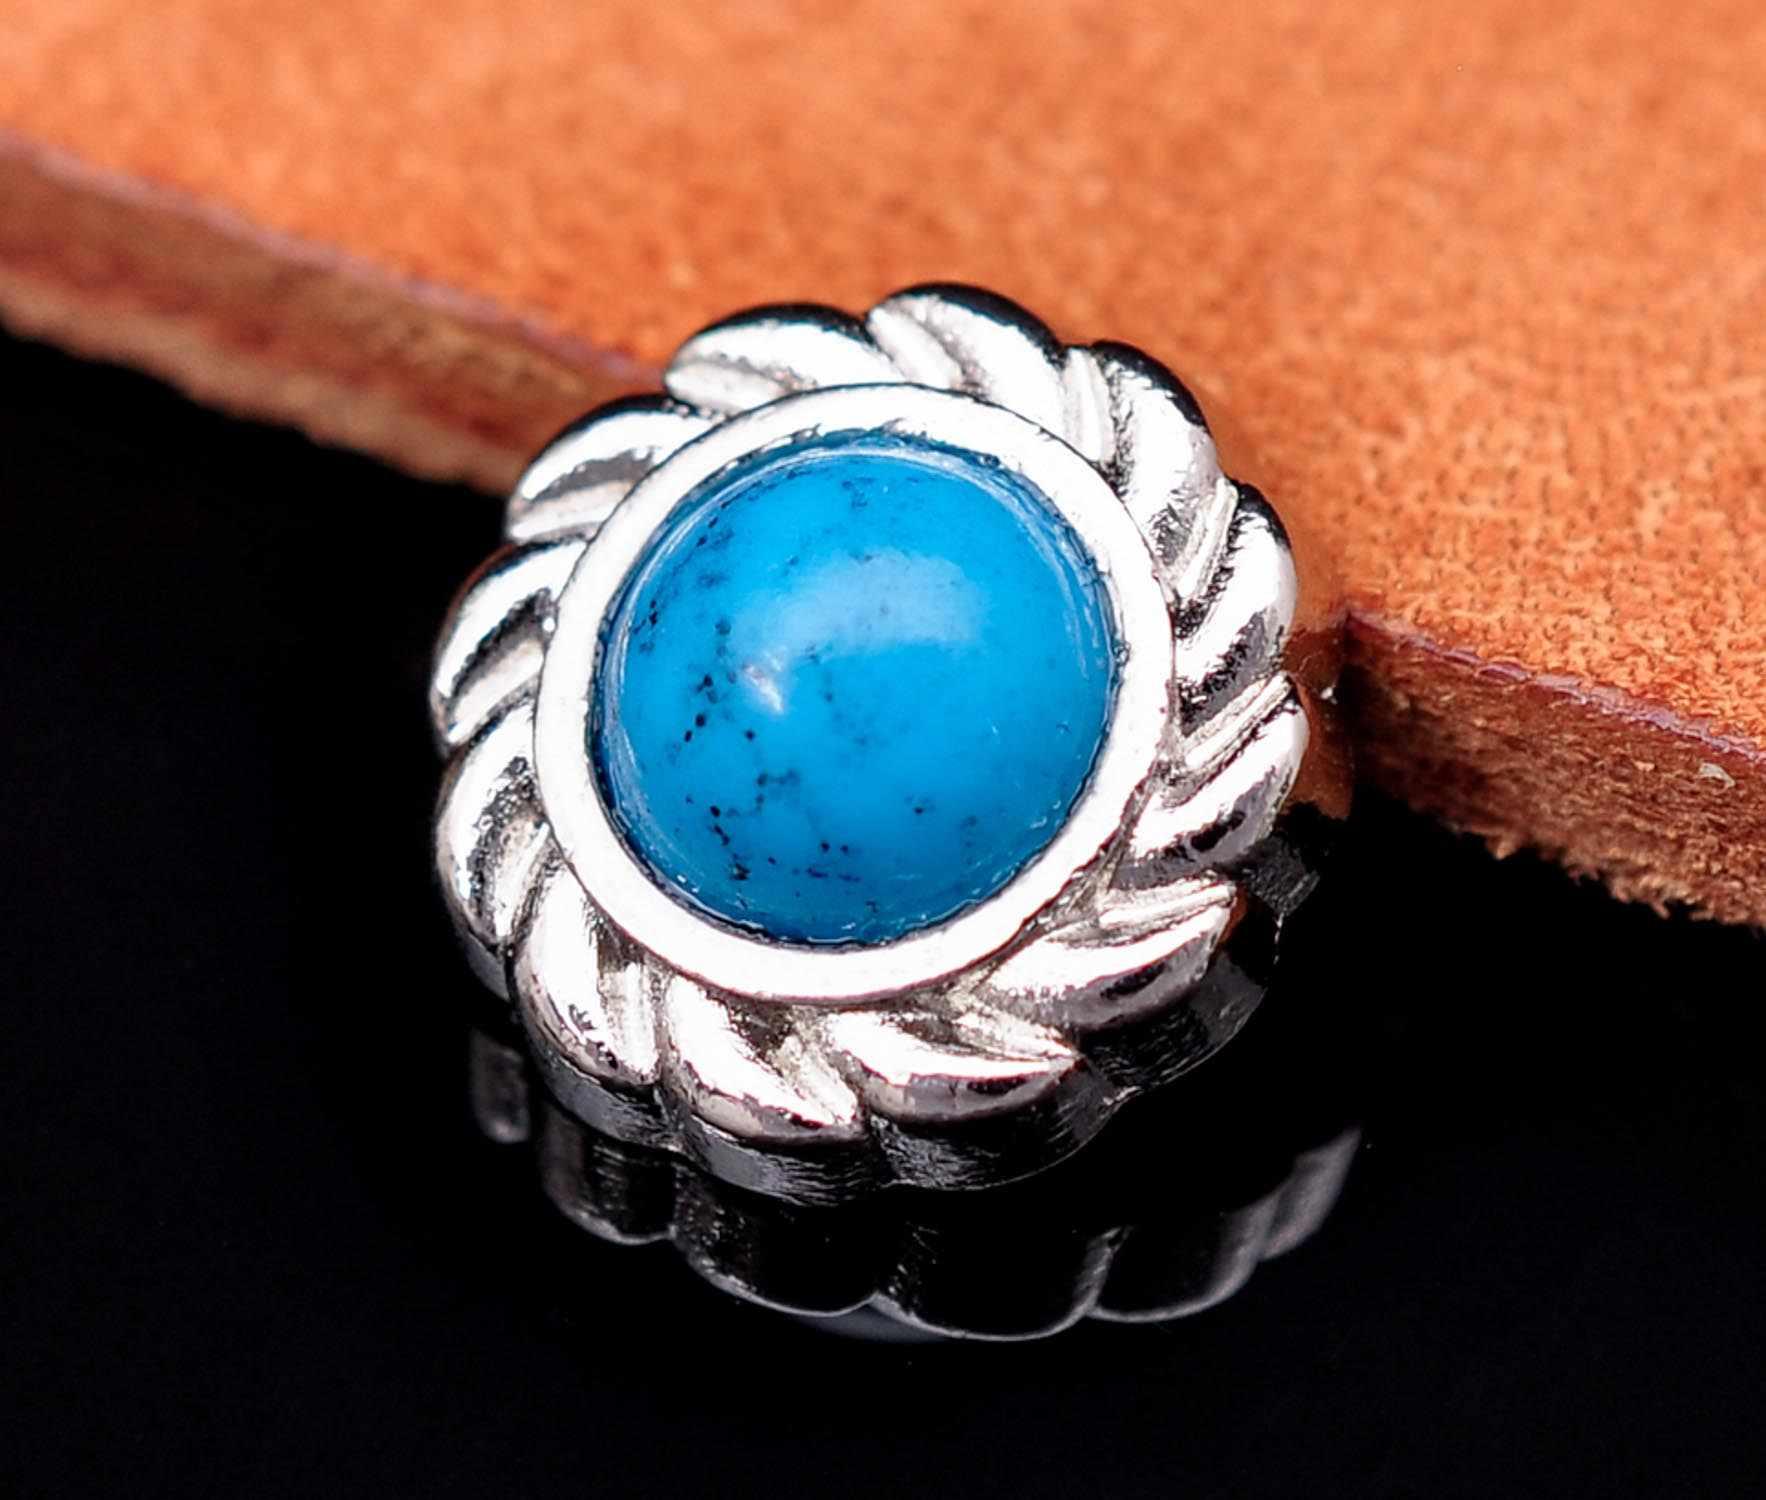 20 шт. 12 мм Серебряная Цветочная Выгравированная Западная Бирюзовая запонка заклепка Concho для кожевенного ремесла ботинок ремень седловая стойка для украшения